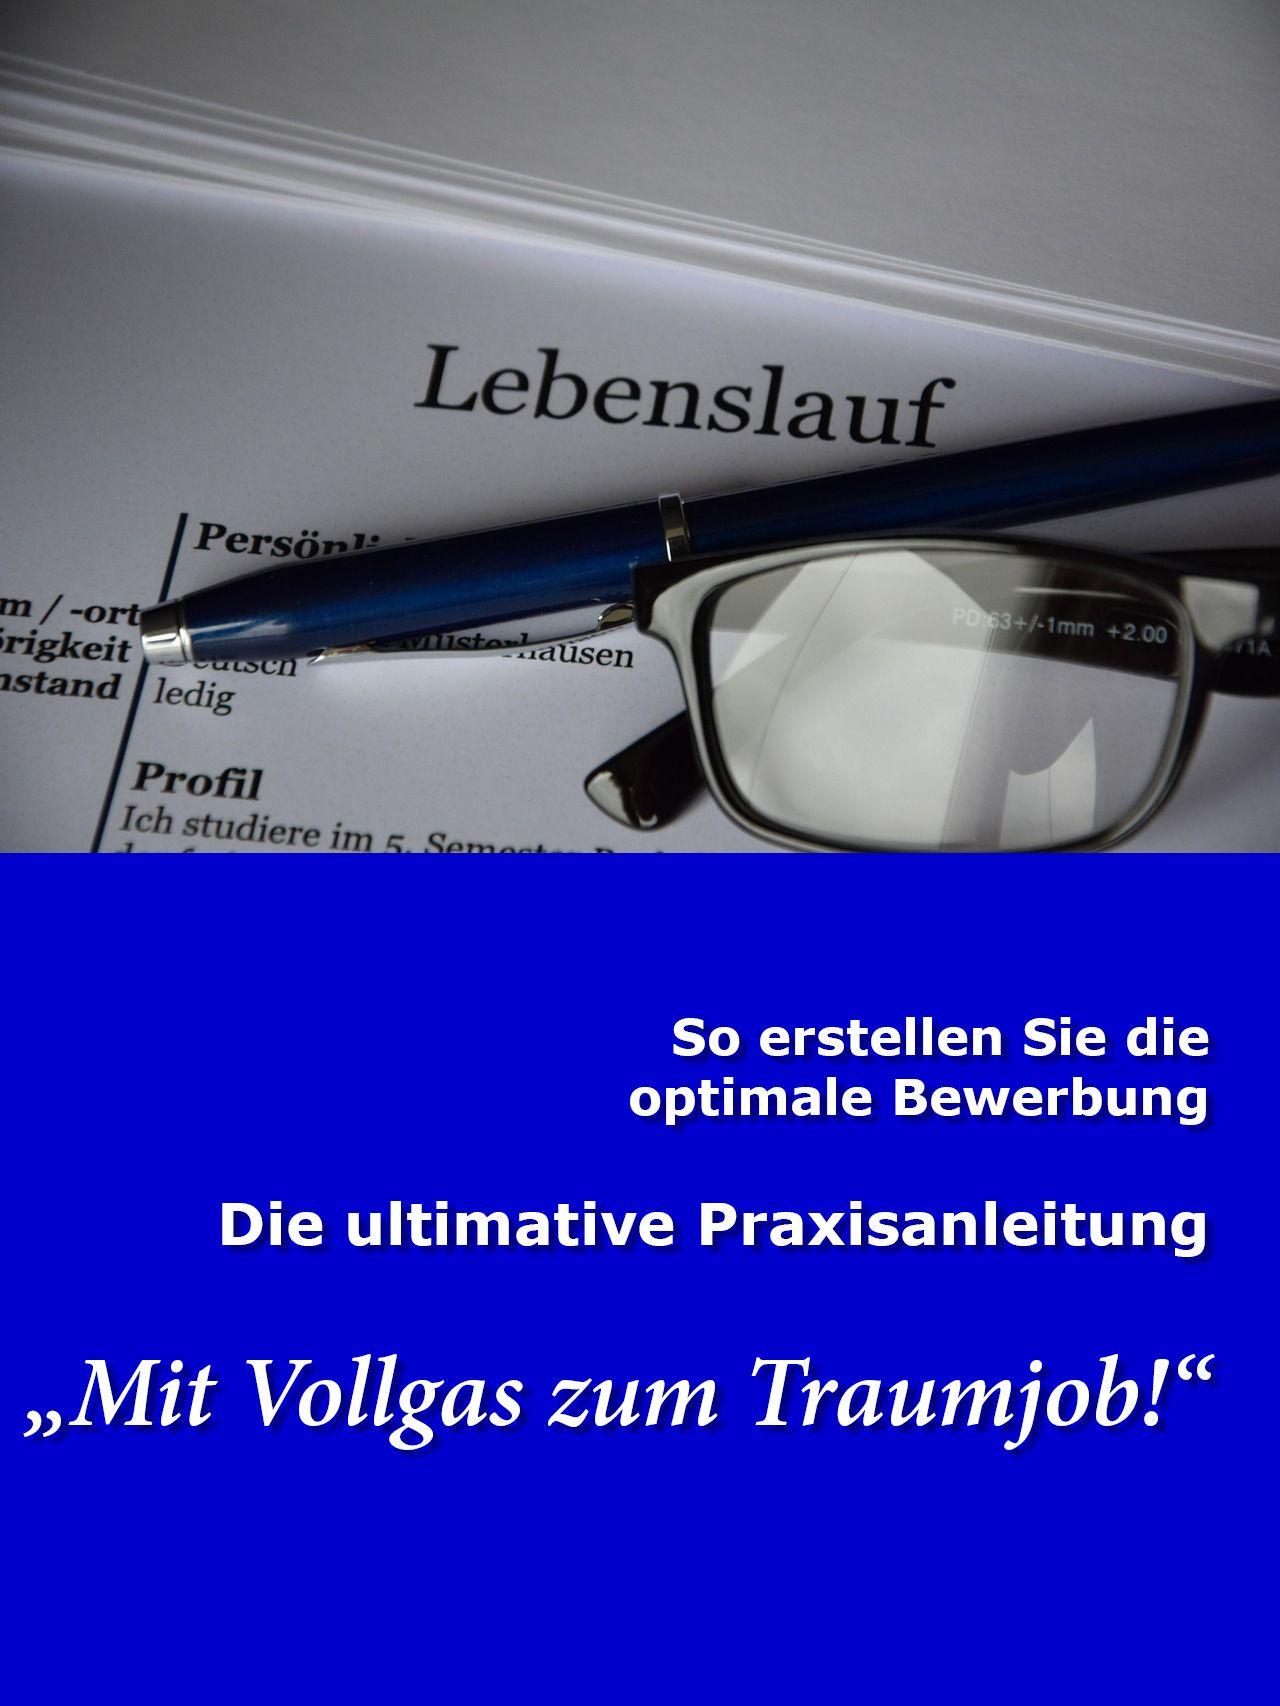 Schön Laden Sie Ihren Lebenslauf In Der Tat Hoch Bilder - Entry ...